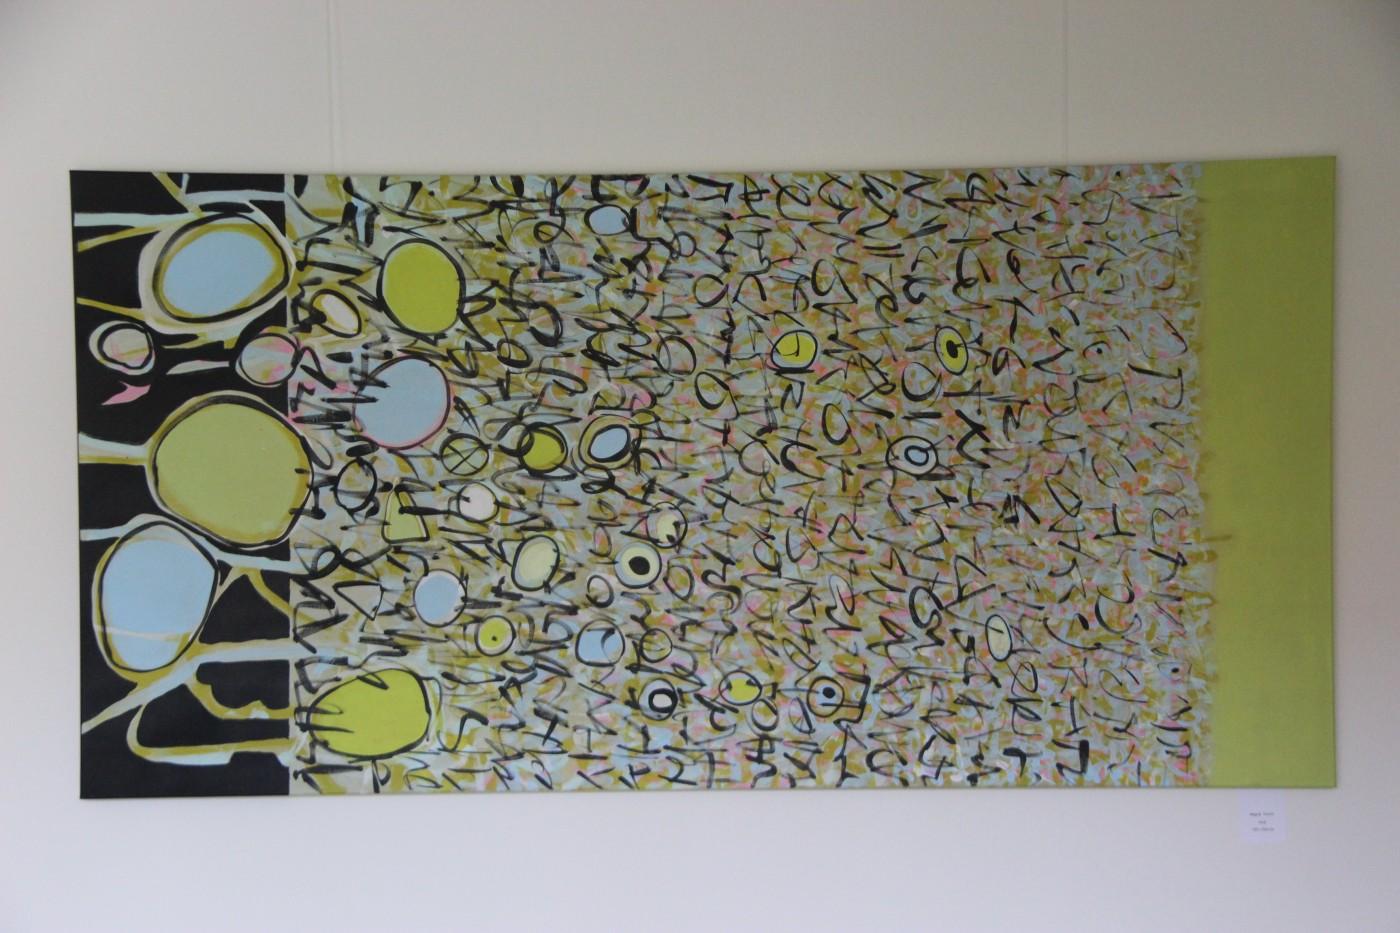 Großformat 100 x 200 cm